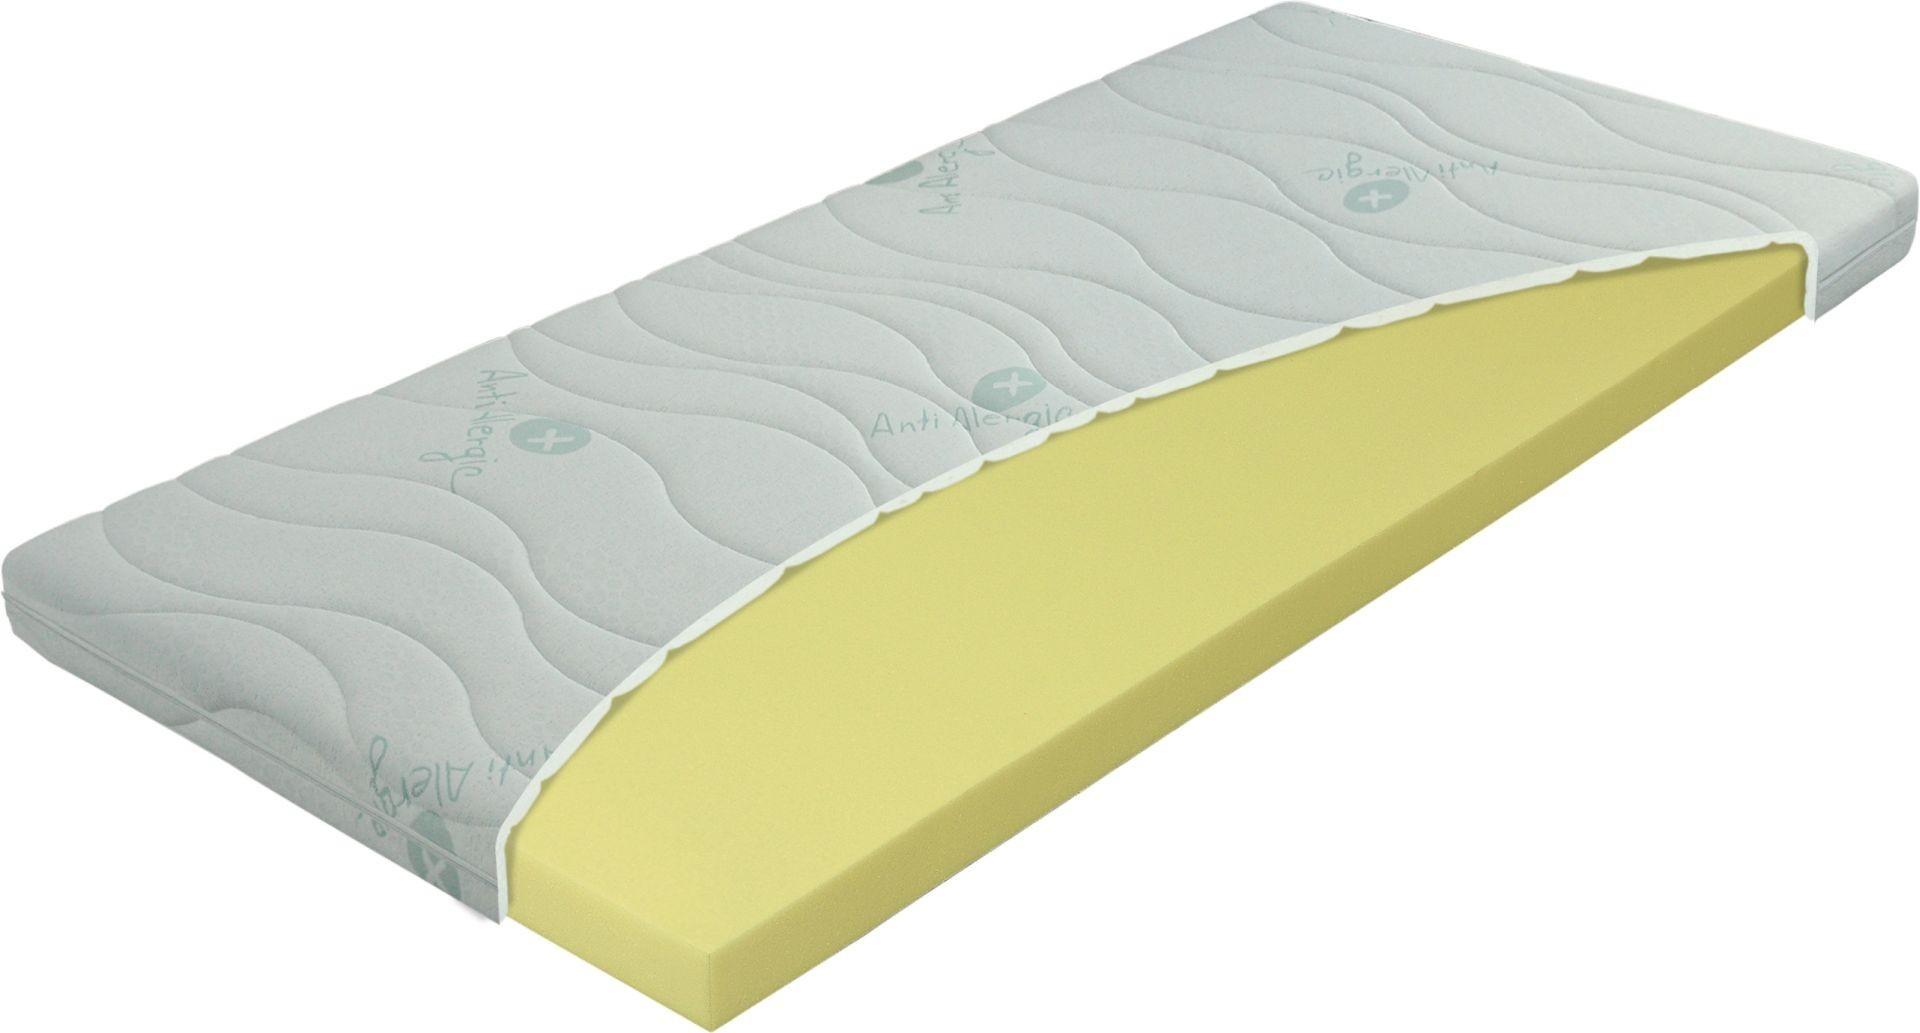 Materasso PŘISTÝLKA VISCO 6 cm - topper z líné pěny, snímatelný potah